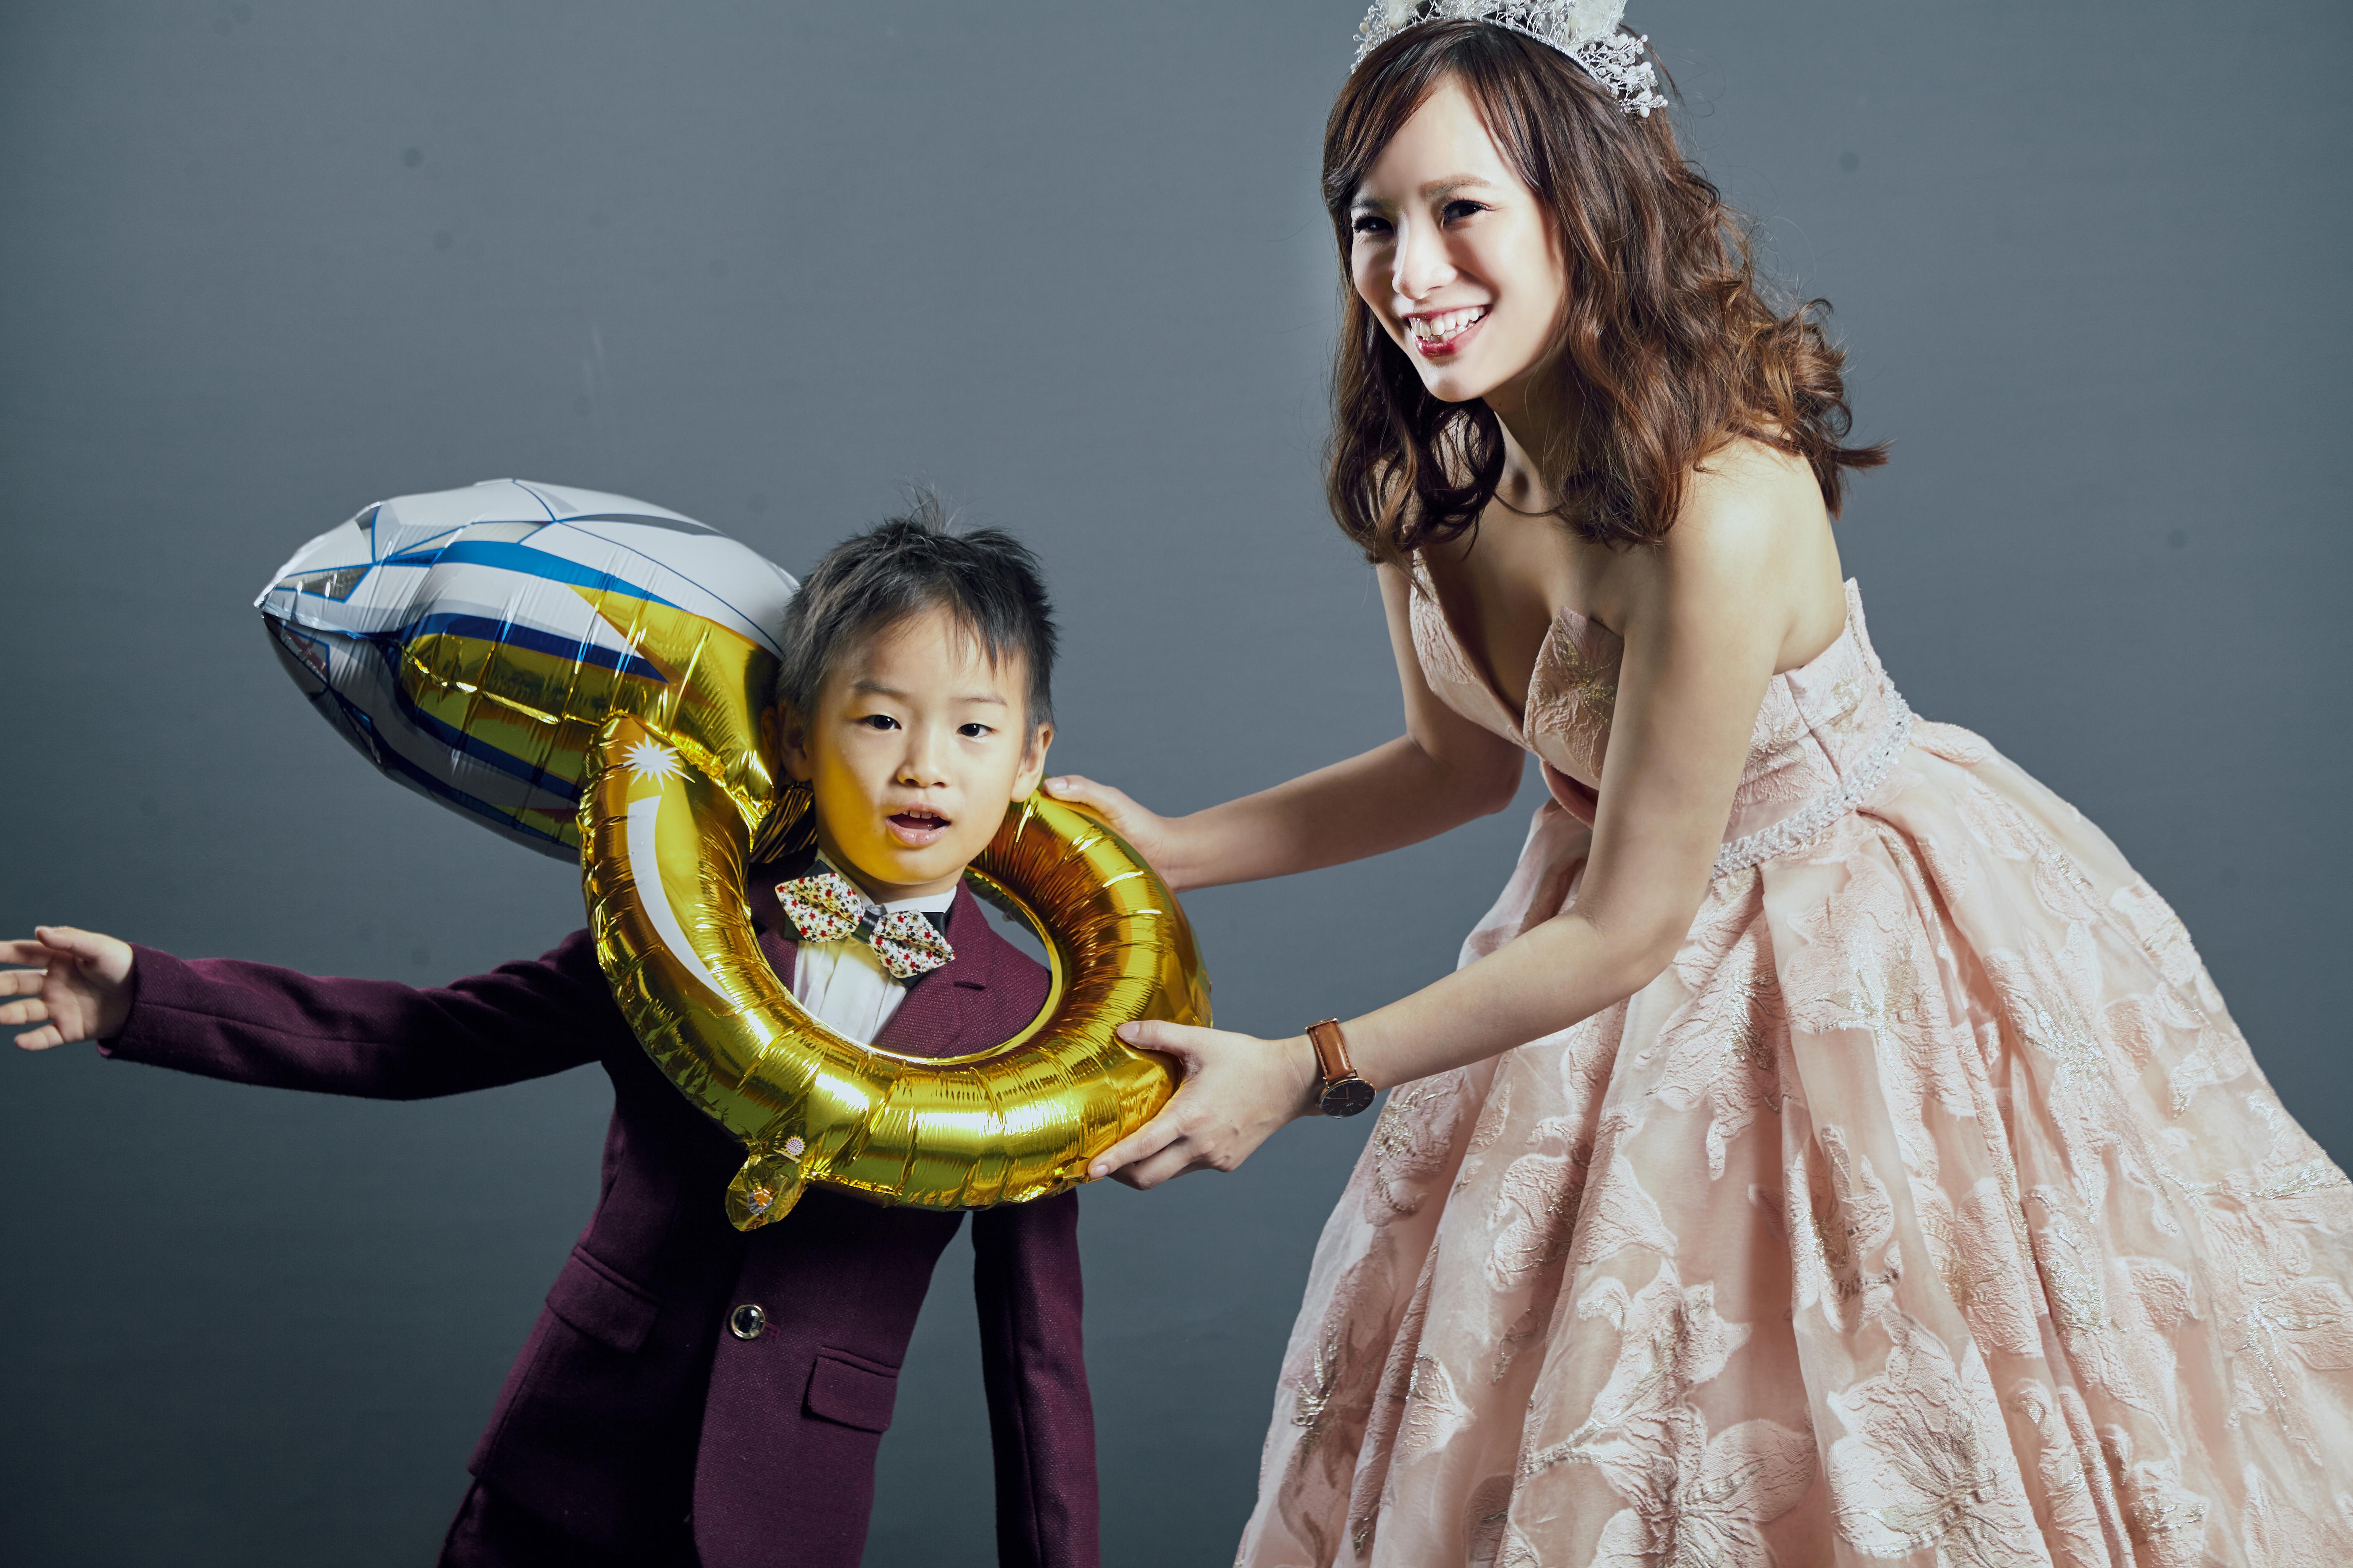 親子照,親子寫真,婚紗照風格,自助婚紗,qjf14